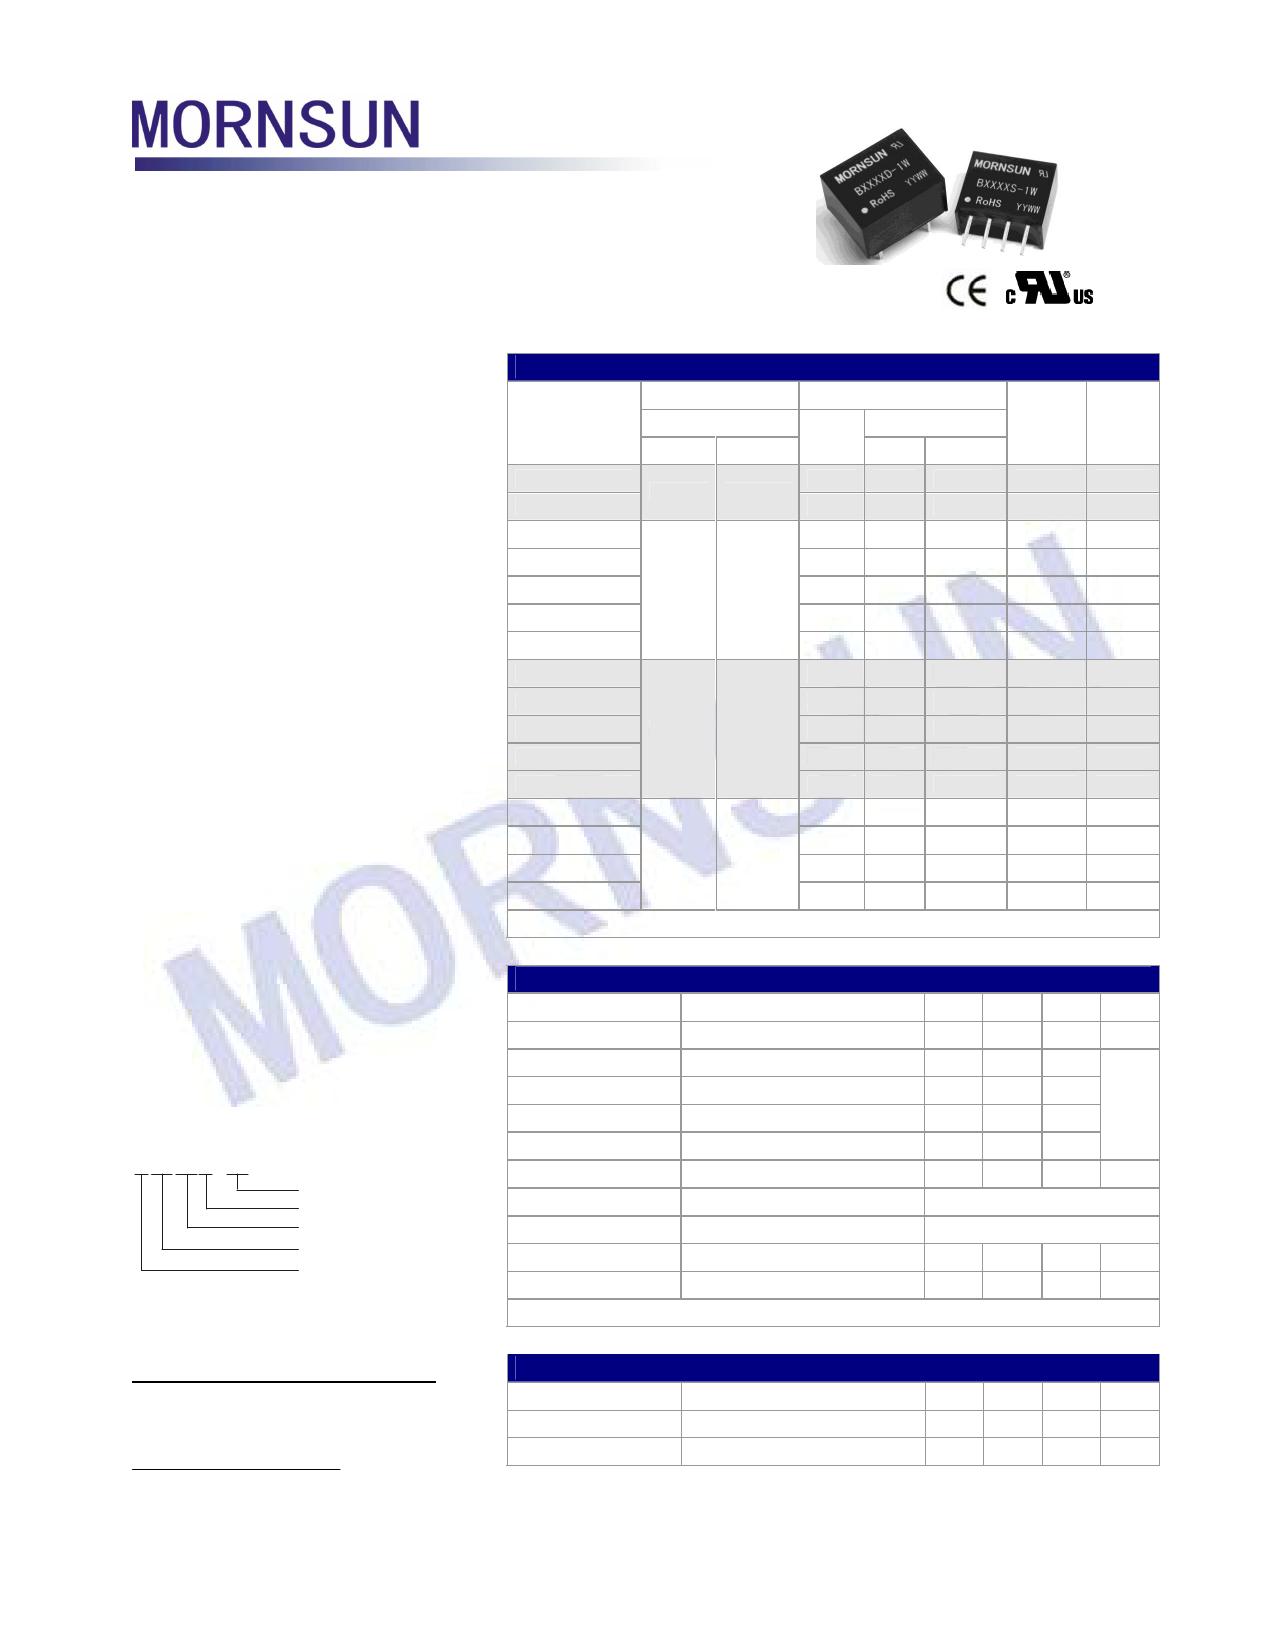 B0512S-1W datasheet